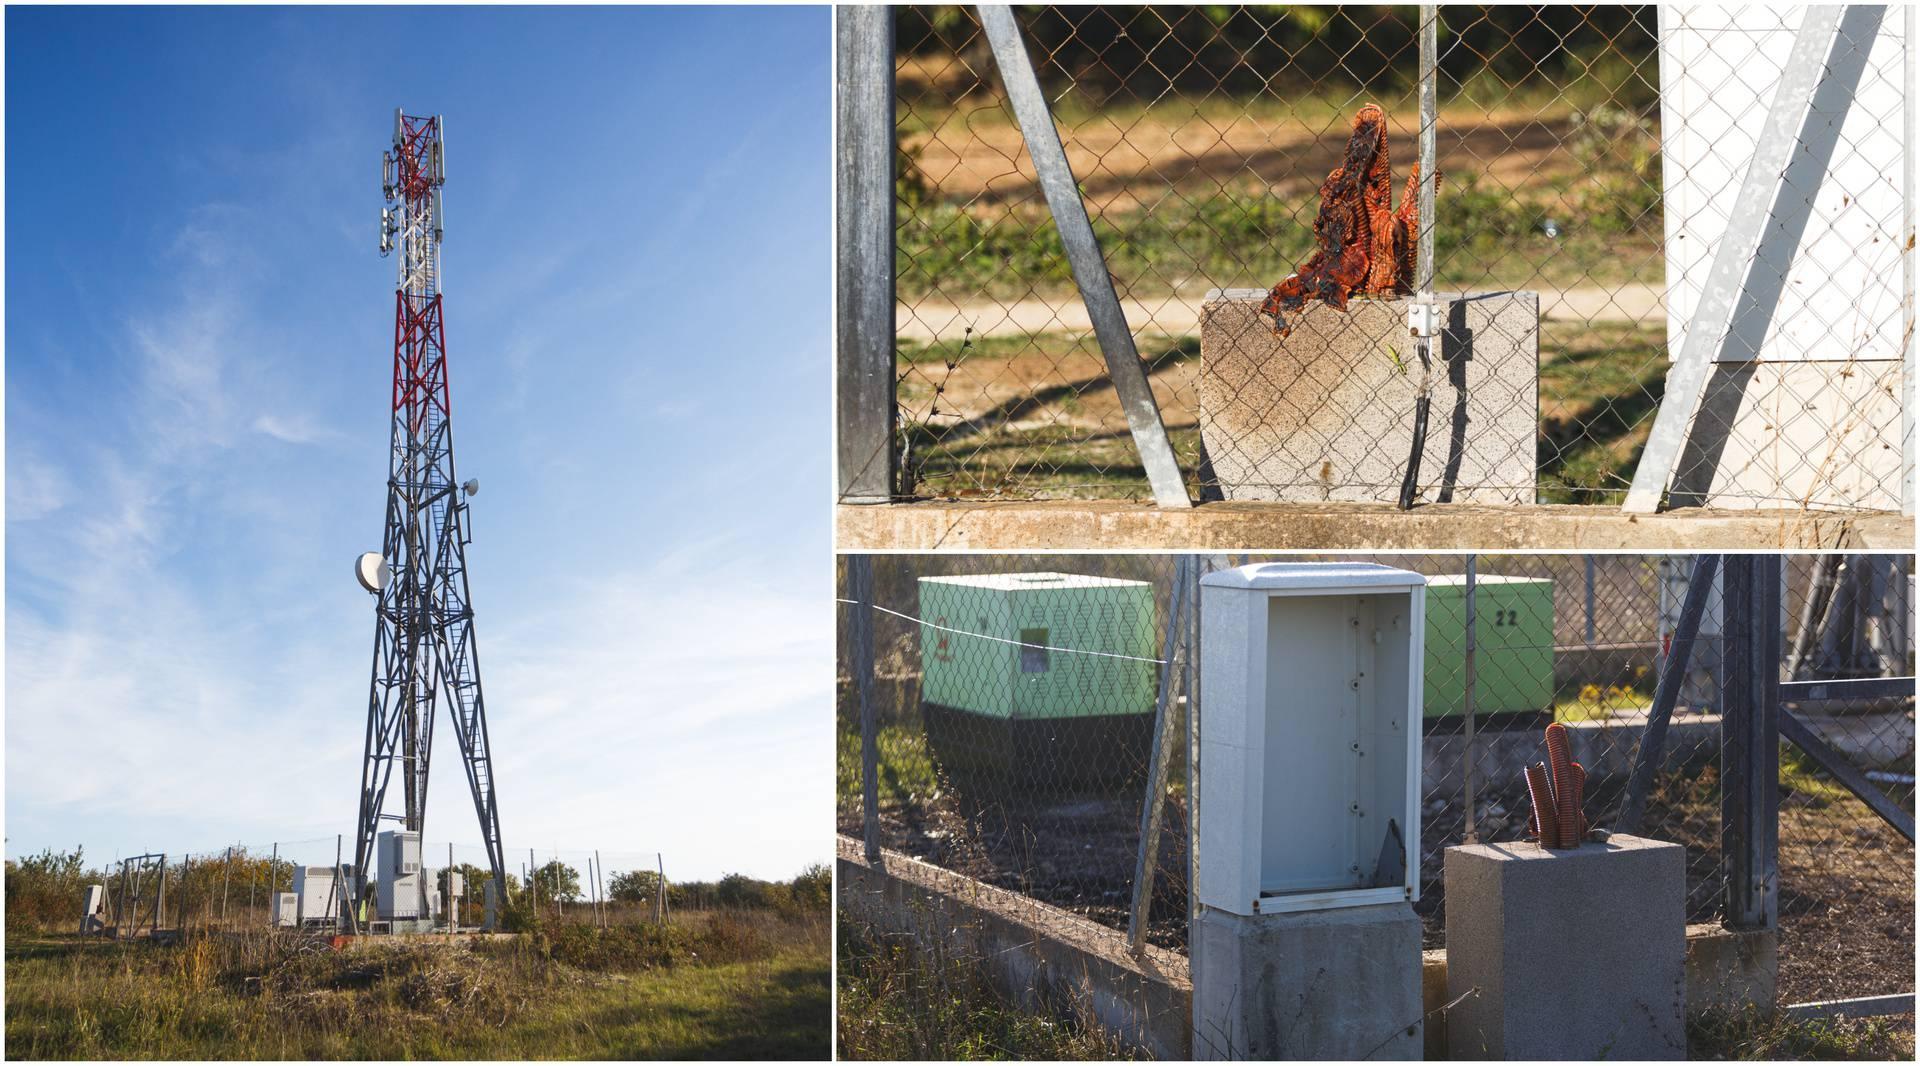 Zapalili repetitor u Škabrnji: Teoretičar zavjere mislio je da uništava 5G mrežu?